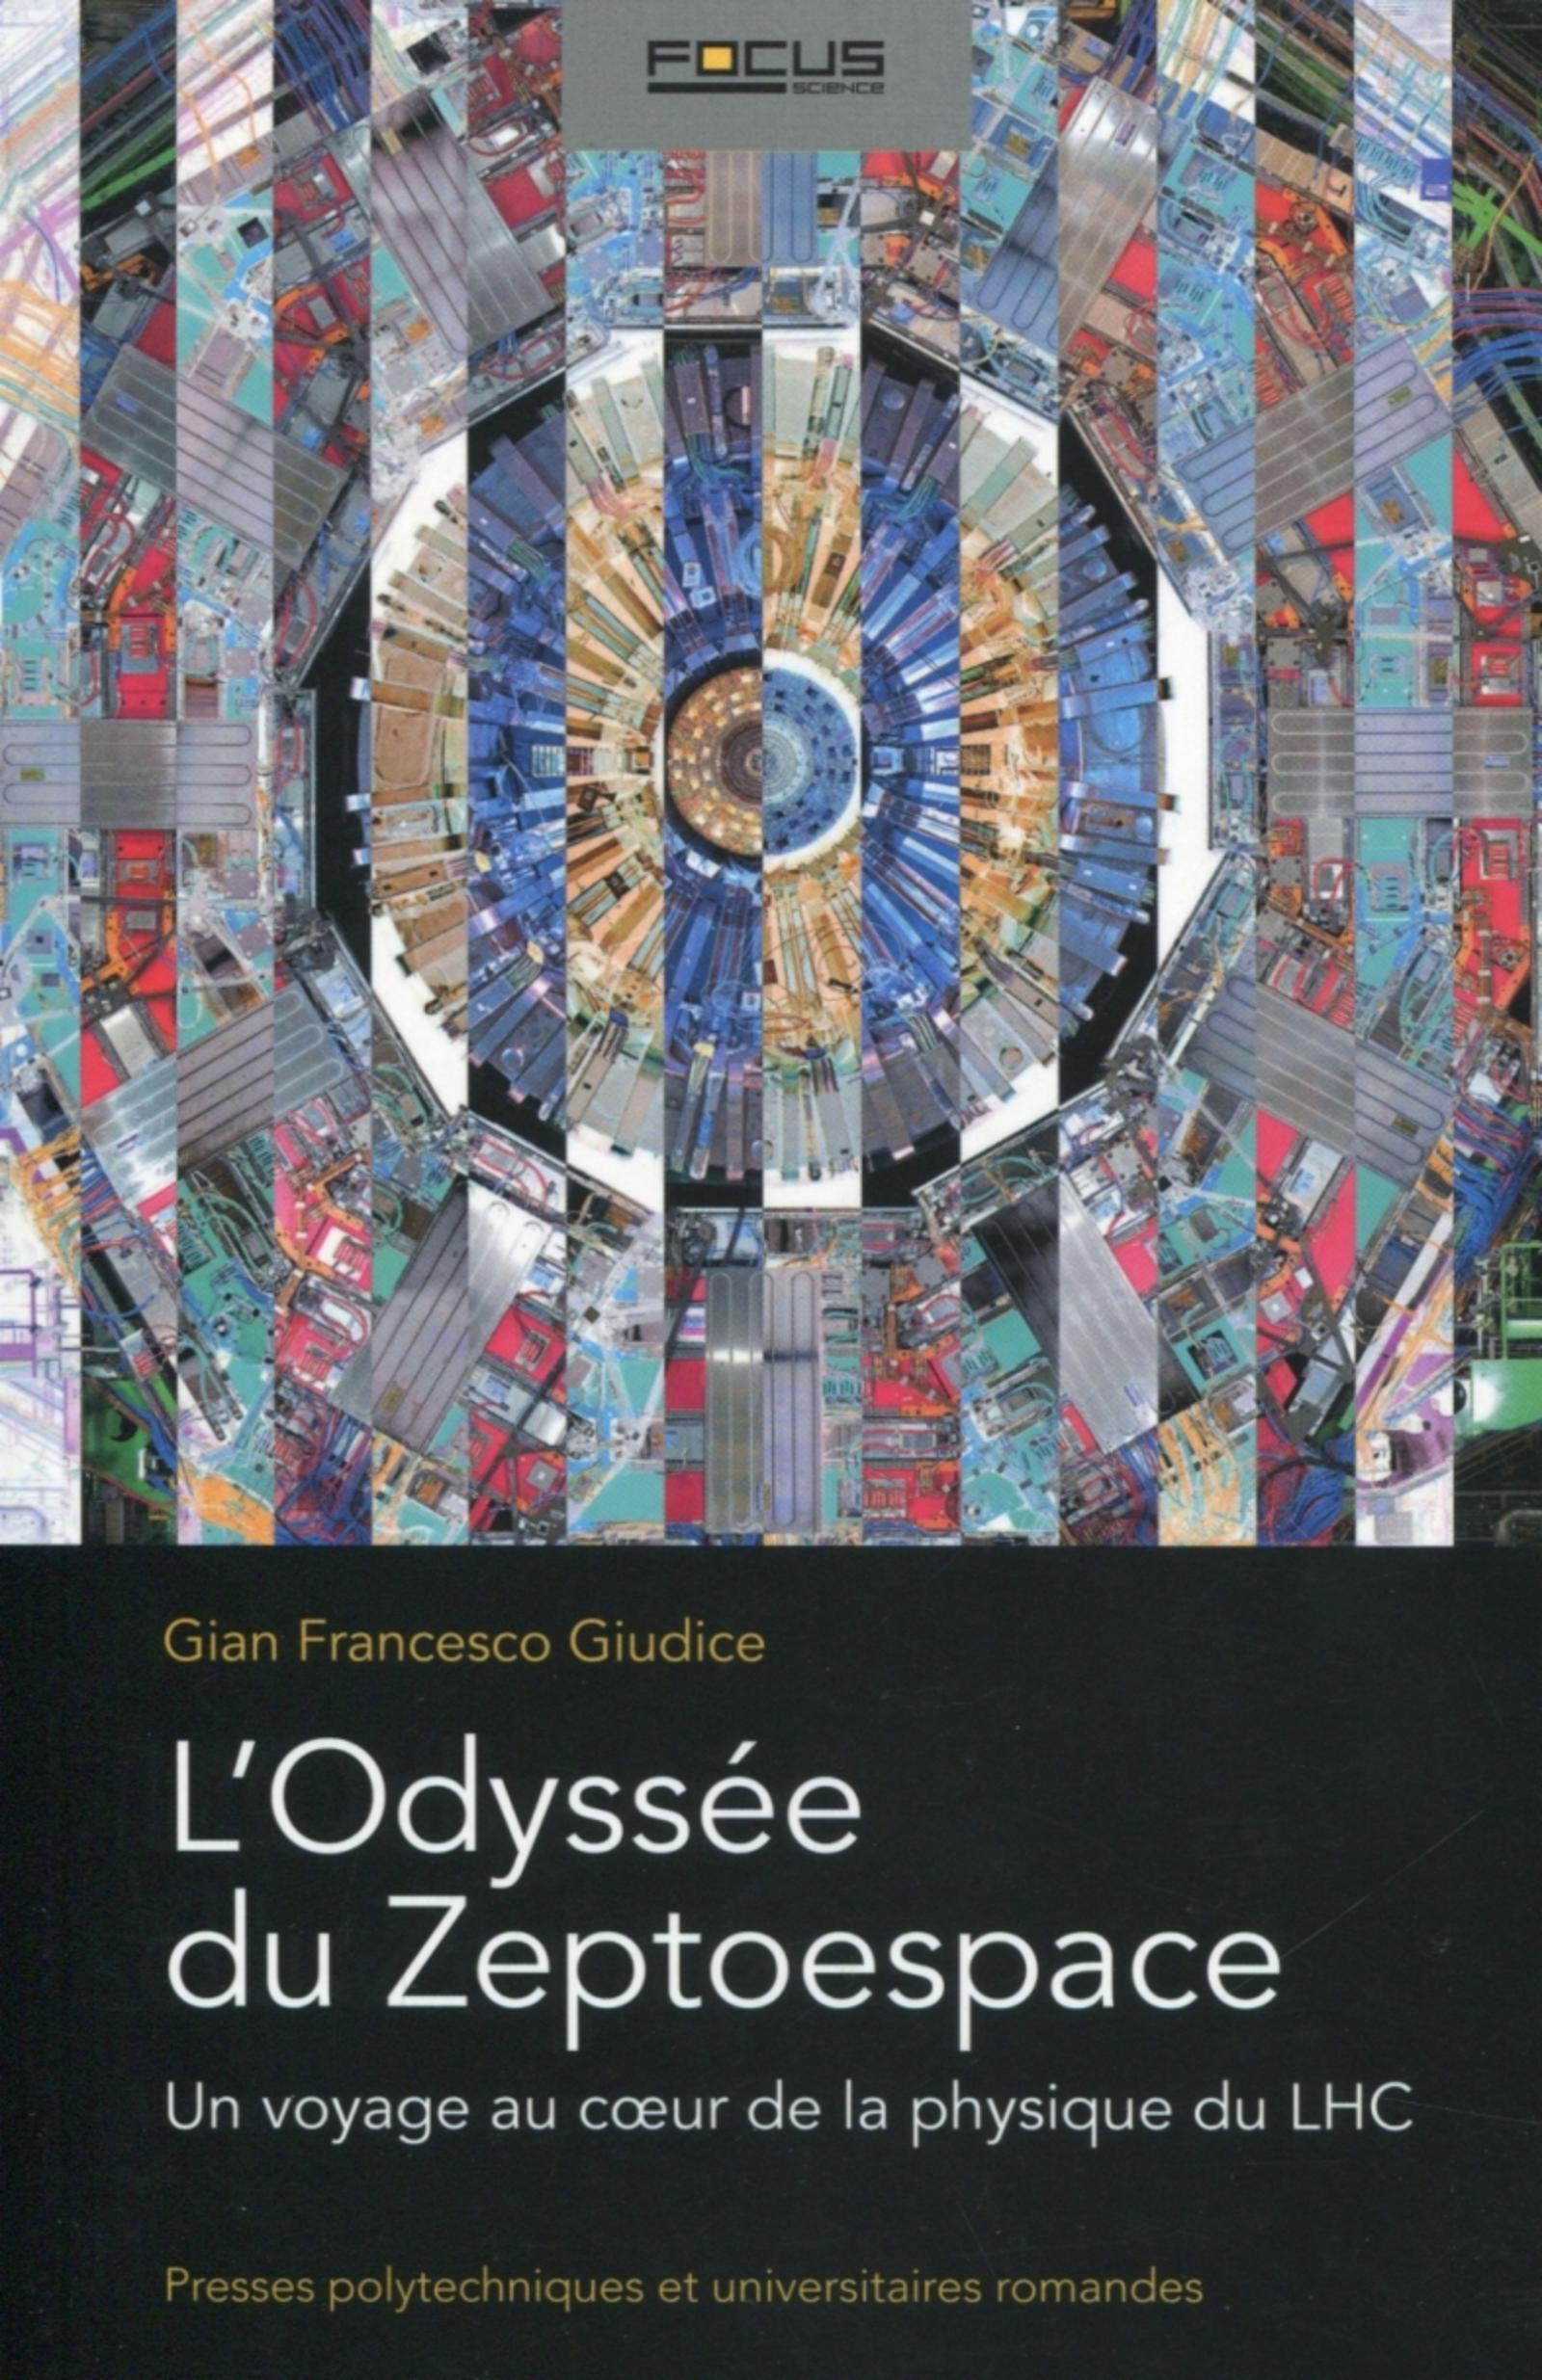 L'ODYSSEE DU ZEPTOESPACE. UN VOYAGEUR AU COEUR DE LA PHYSIQUE DU LHC